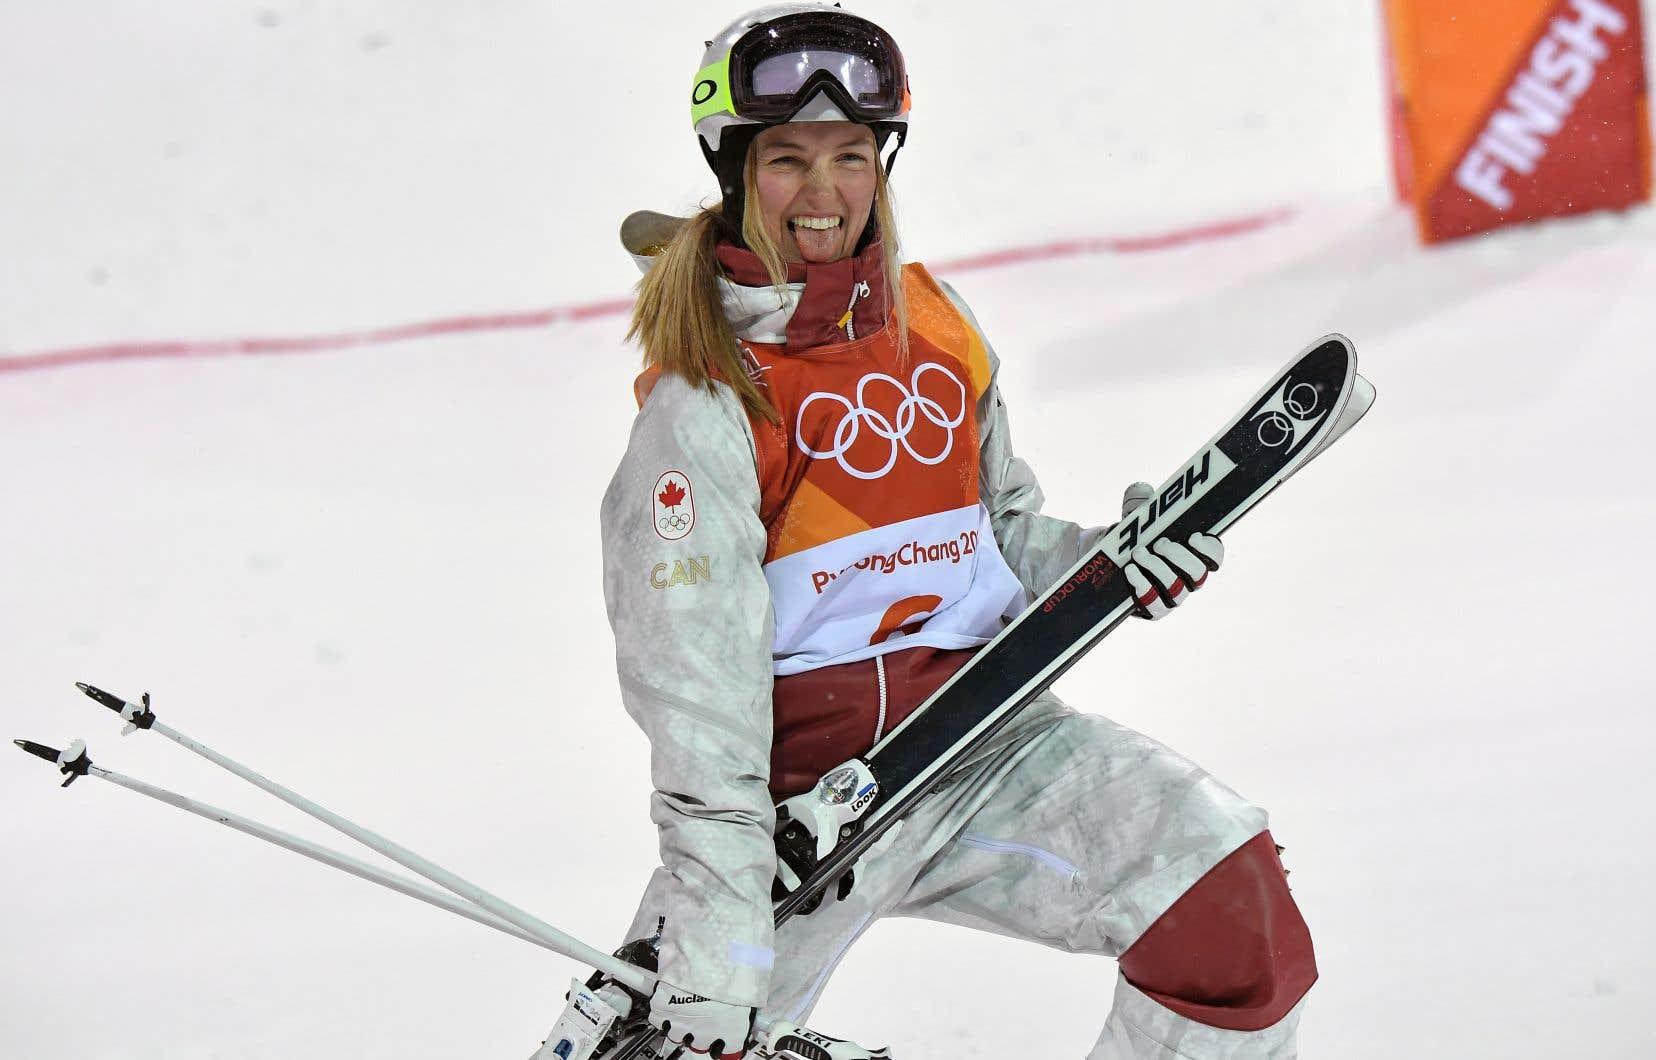 La skieuse acrobatique Justine Dufour-Lapointe a remporté la médaille d'argent à Pyeongchang dimanche.